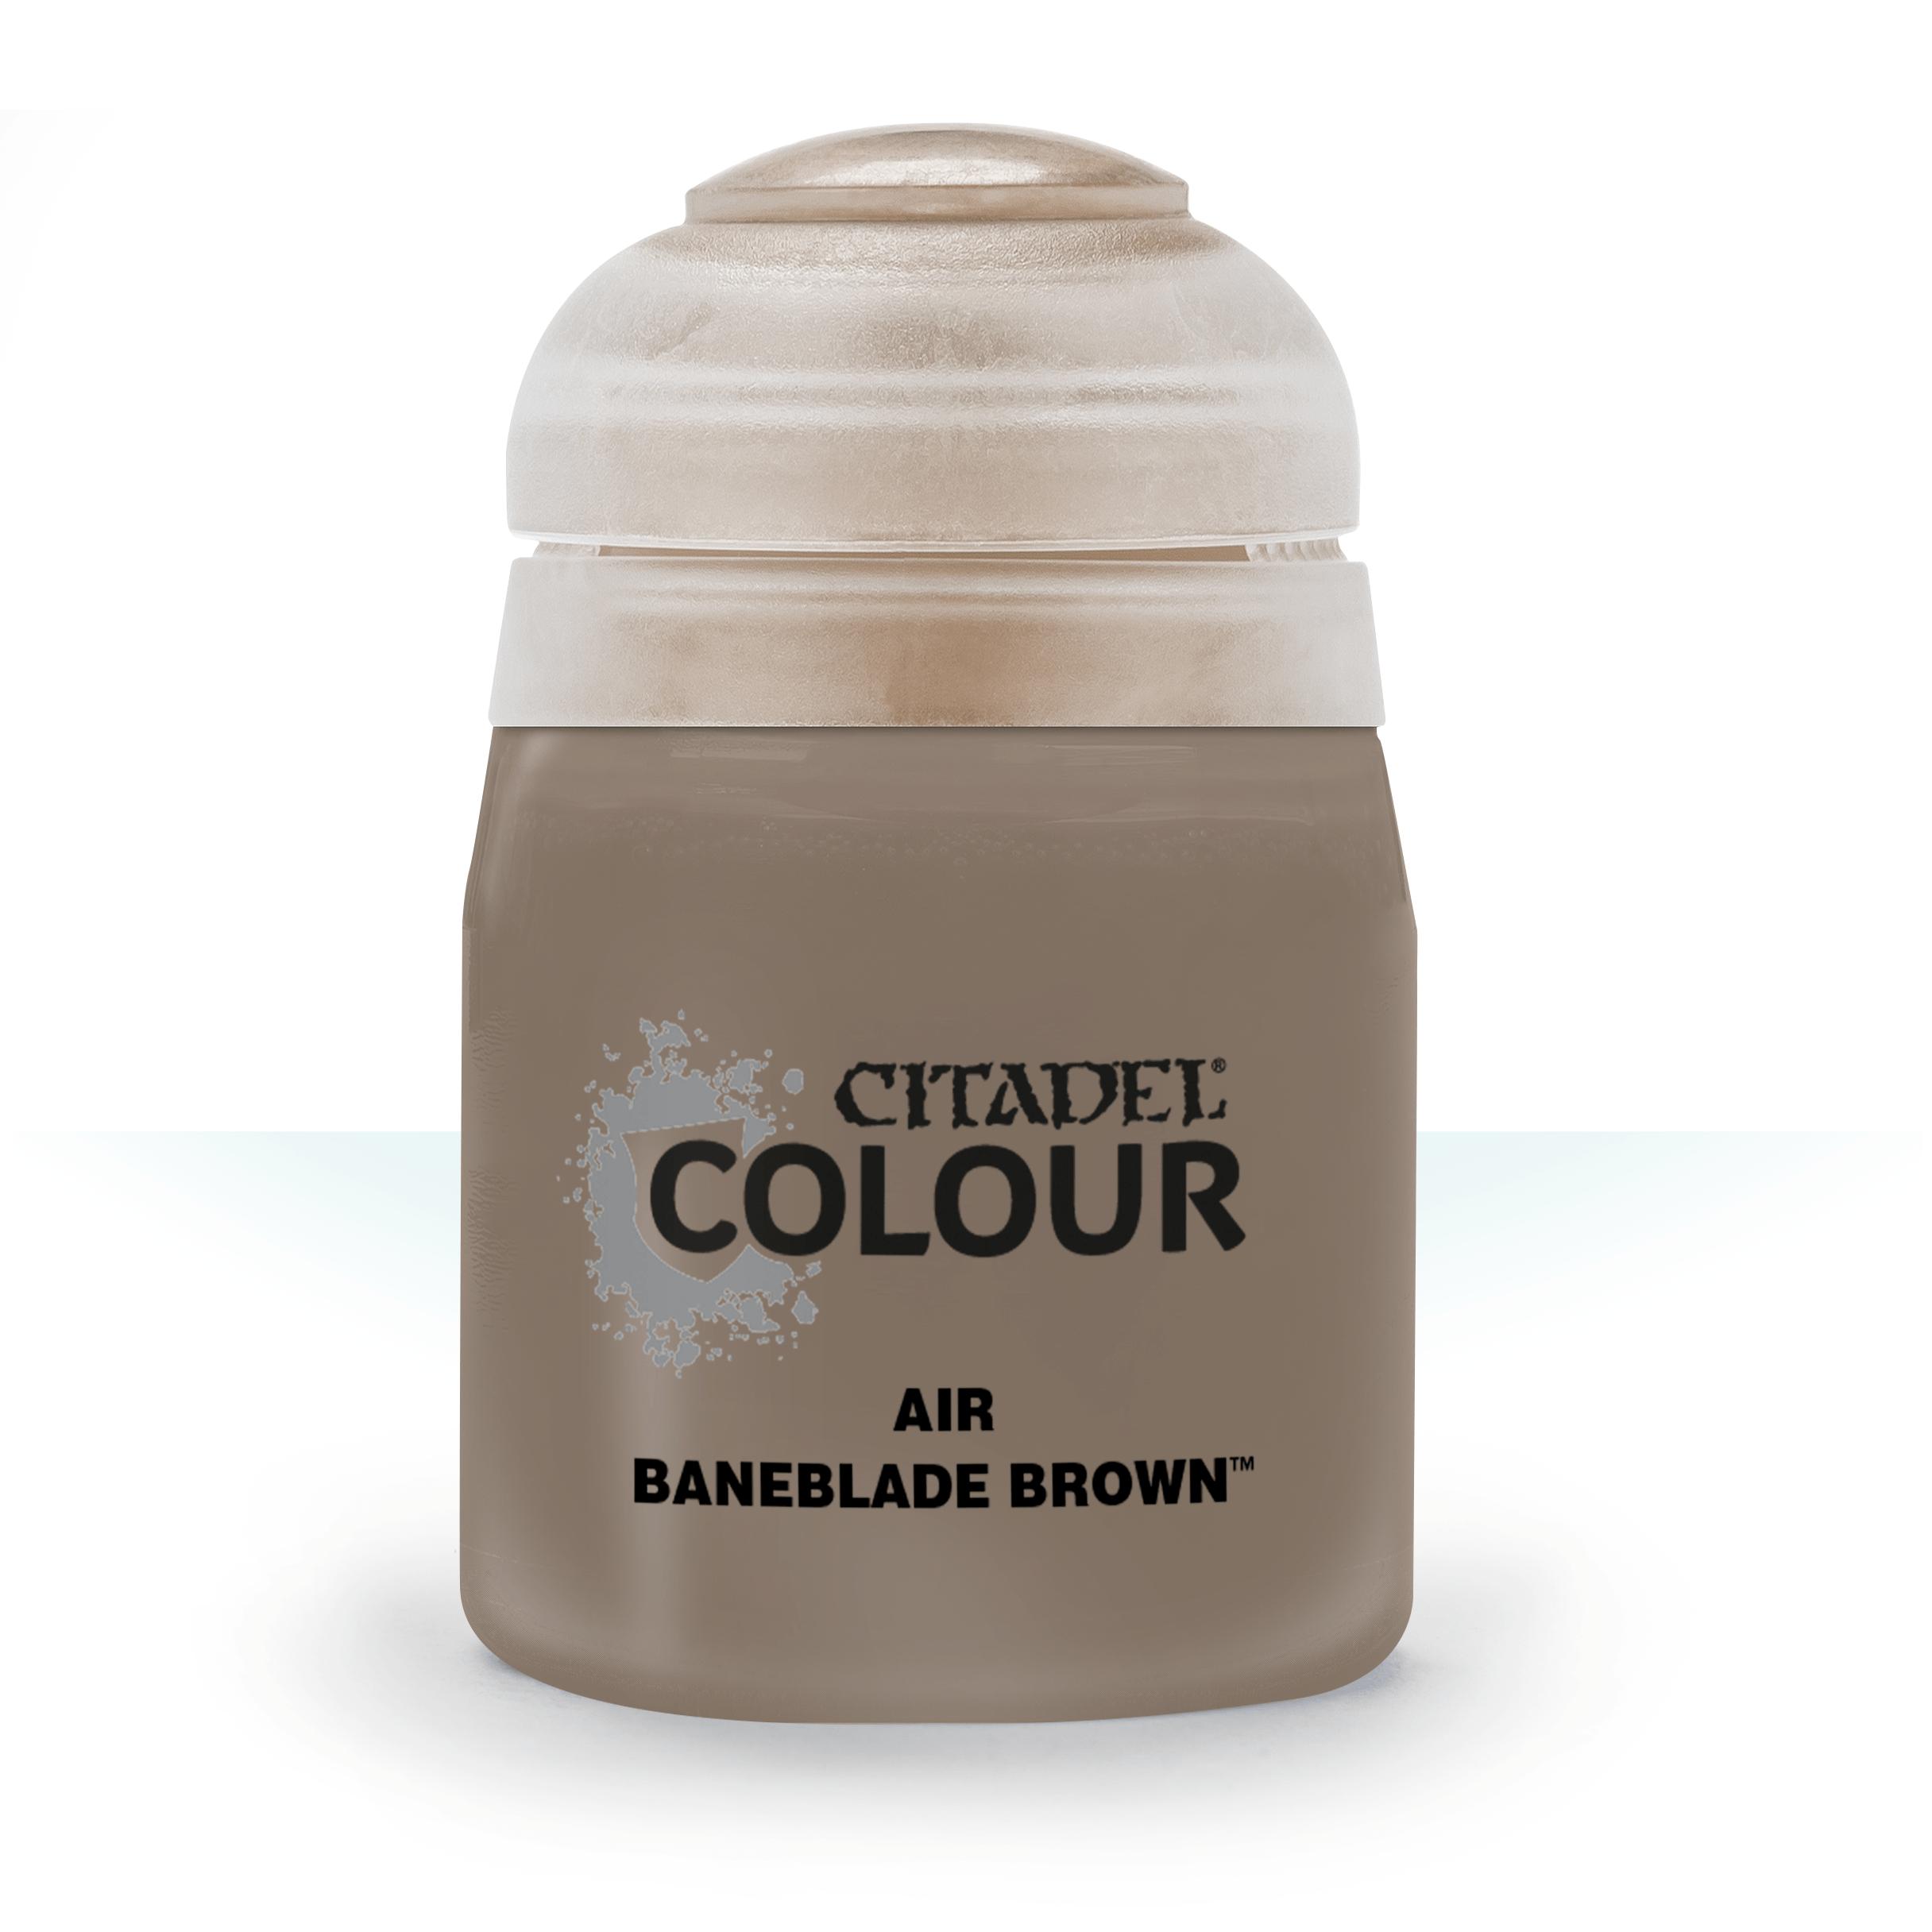 Baneblade Brown, Citadel Air 24ml